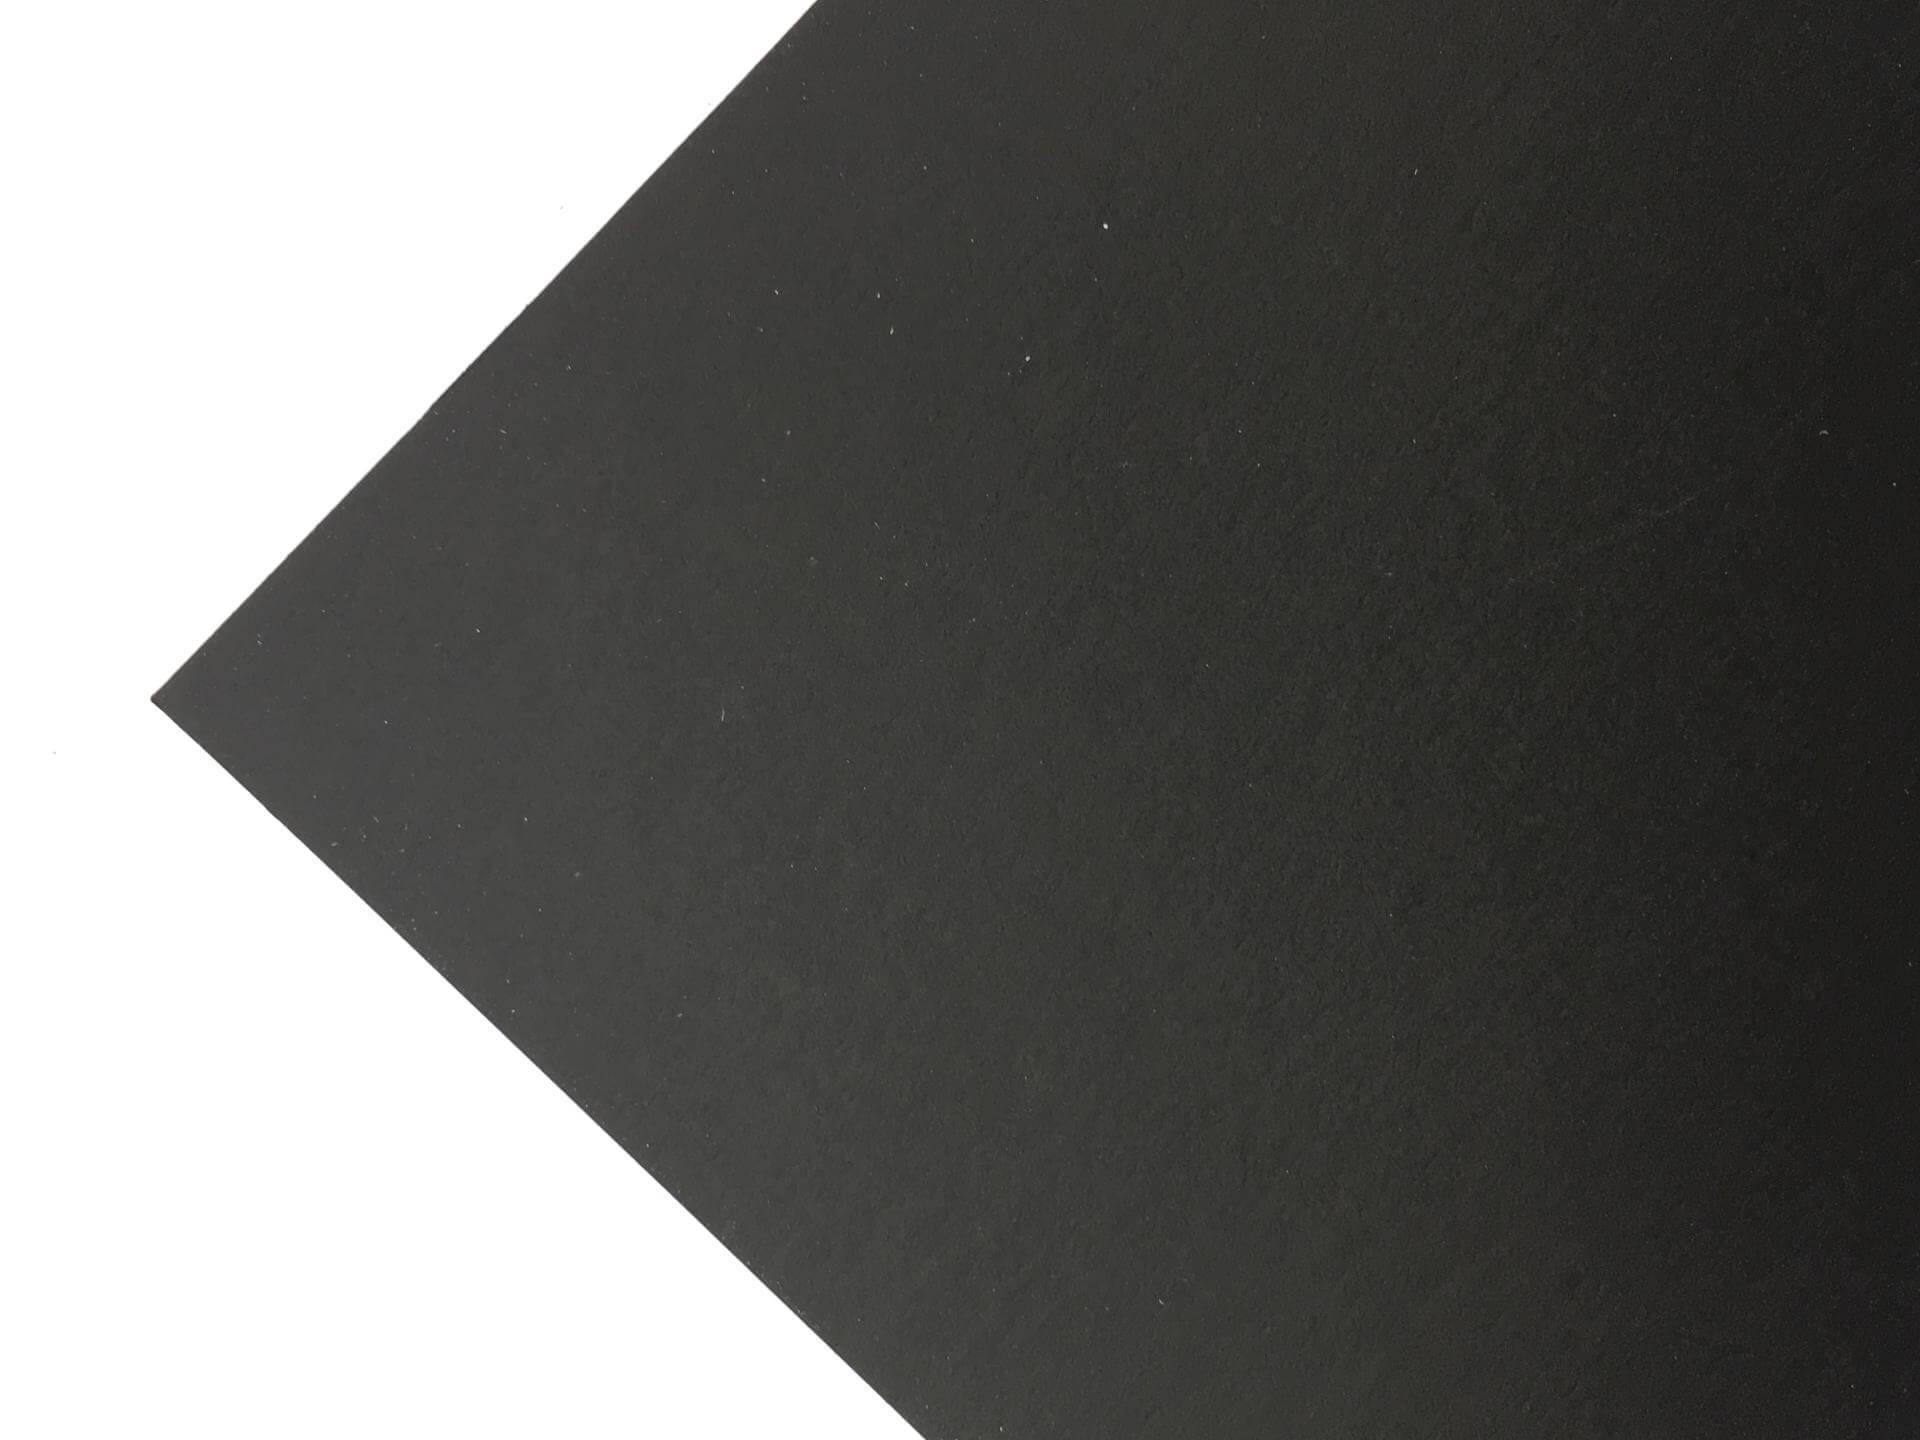 Plike 1s black